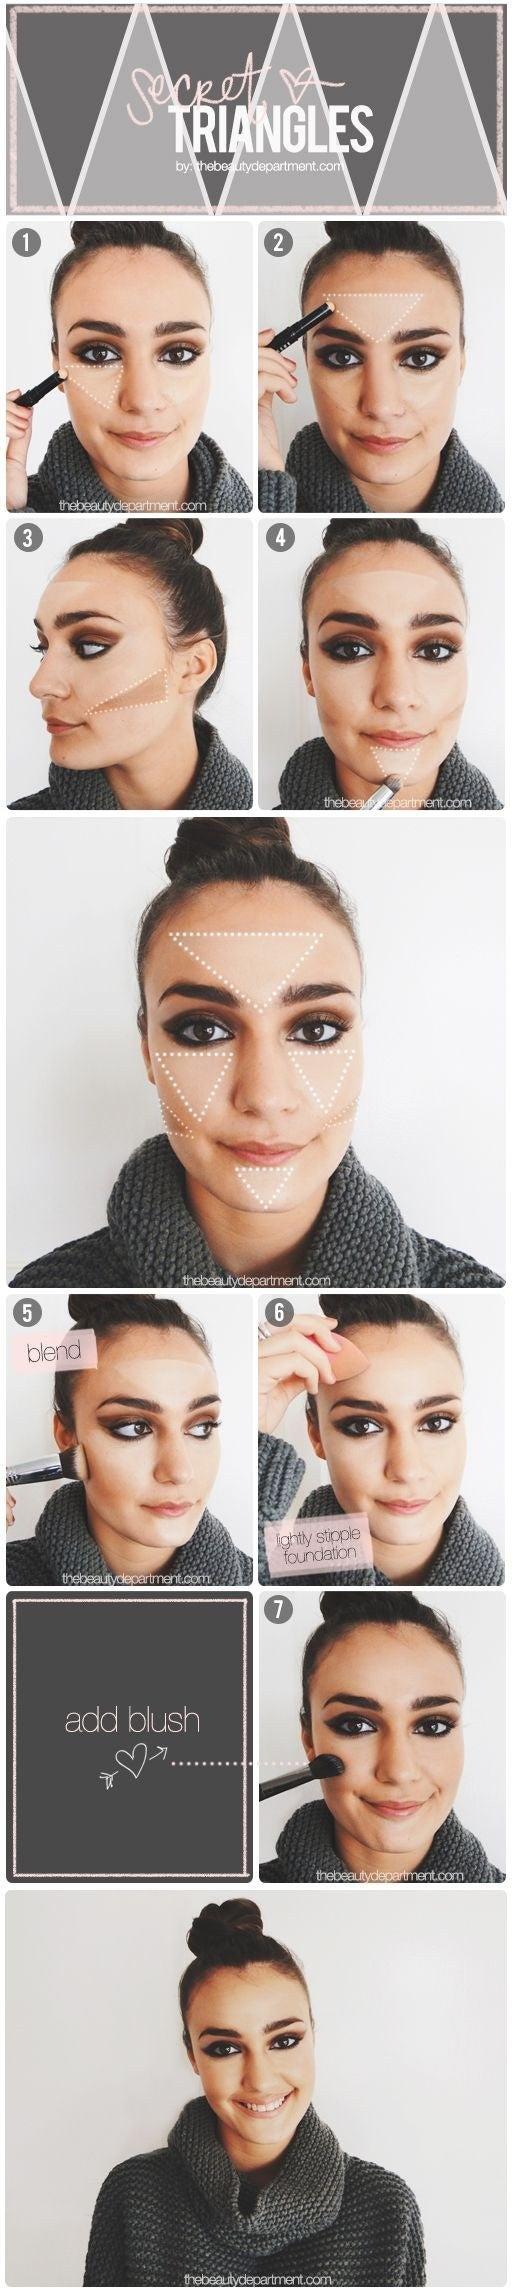 Define tu rostro con triángulos gruesos en frente, mejillas y barbilla, con iluminador, y coloca el bronzer en triángulos escalenos a la mitad de tus cachetes.